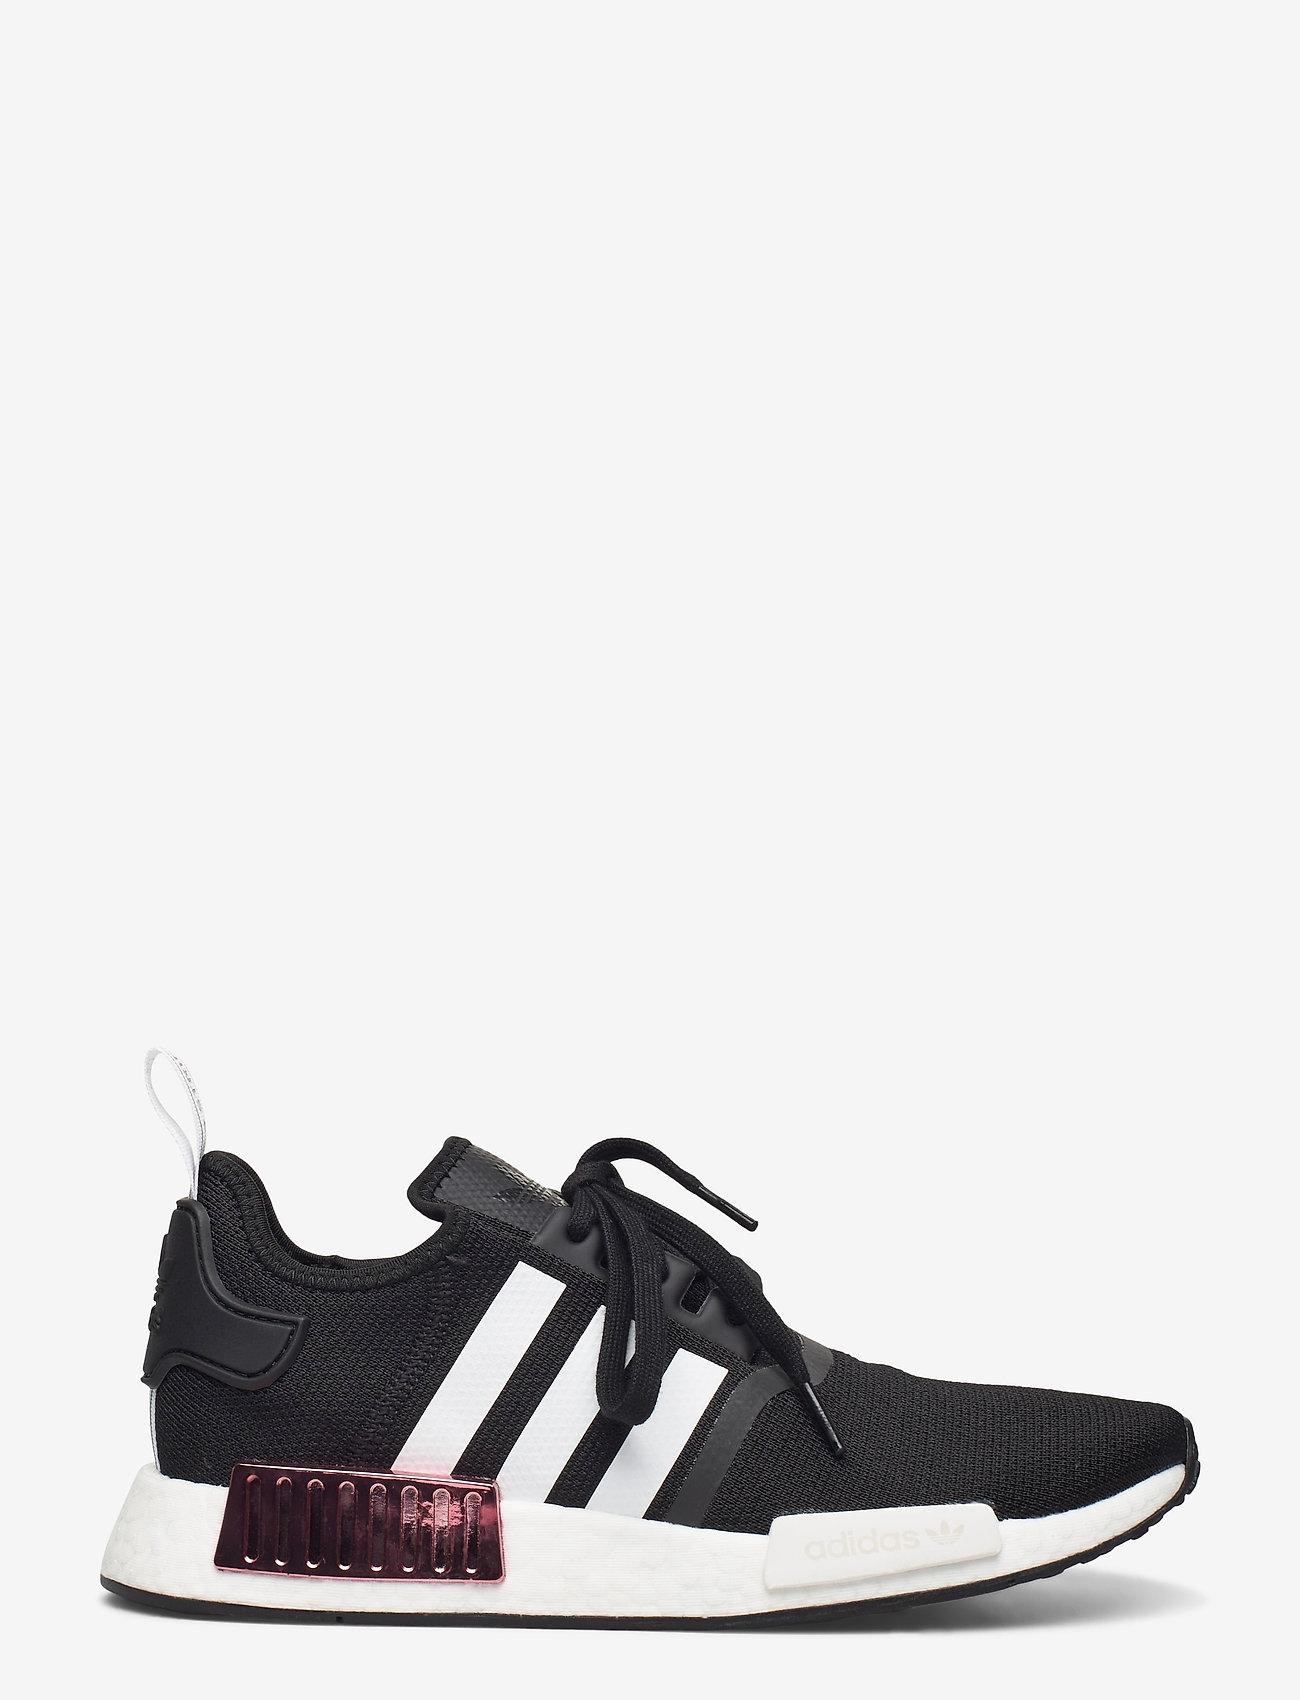 adidas Originals - NMD_R1 W - laag sneakers - cblack/ftwwht/hazros - 1